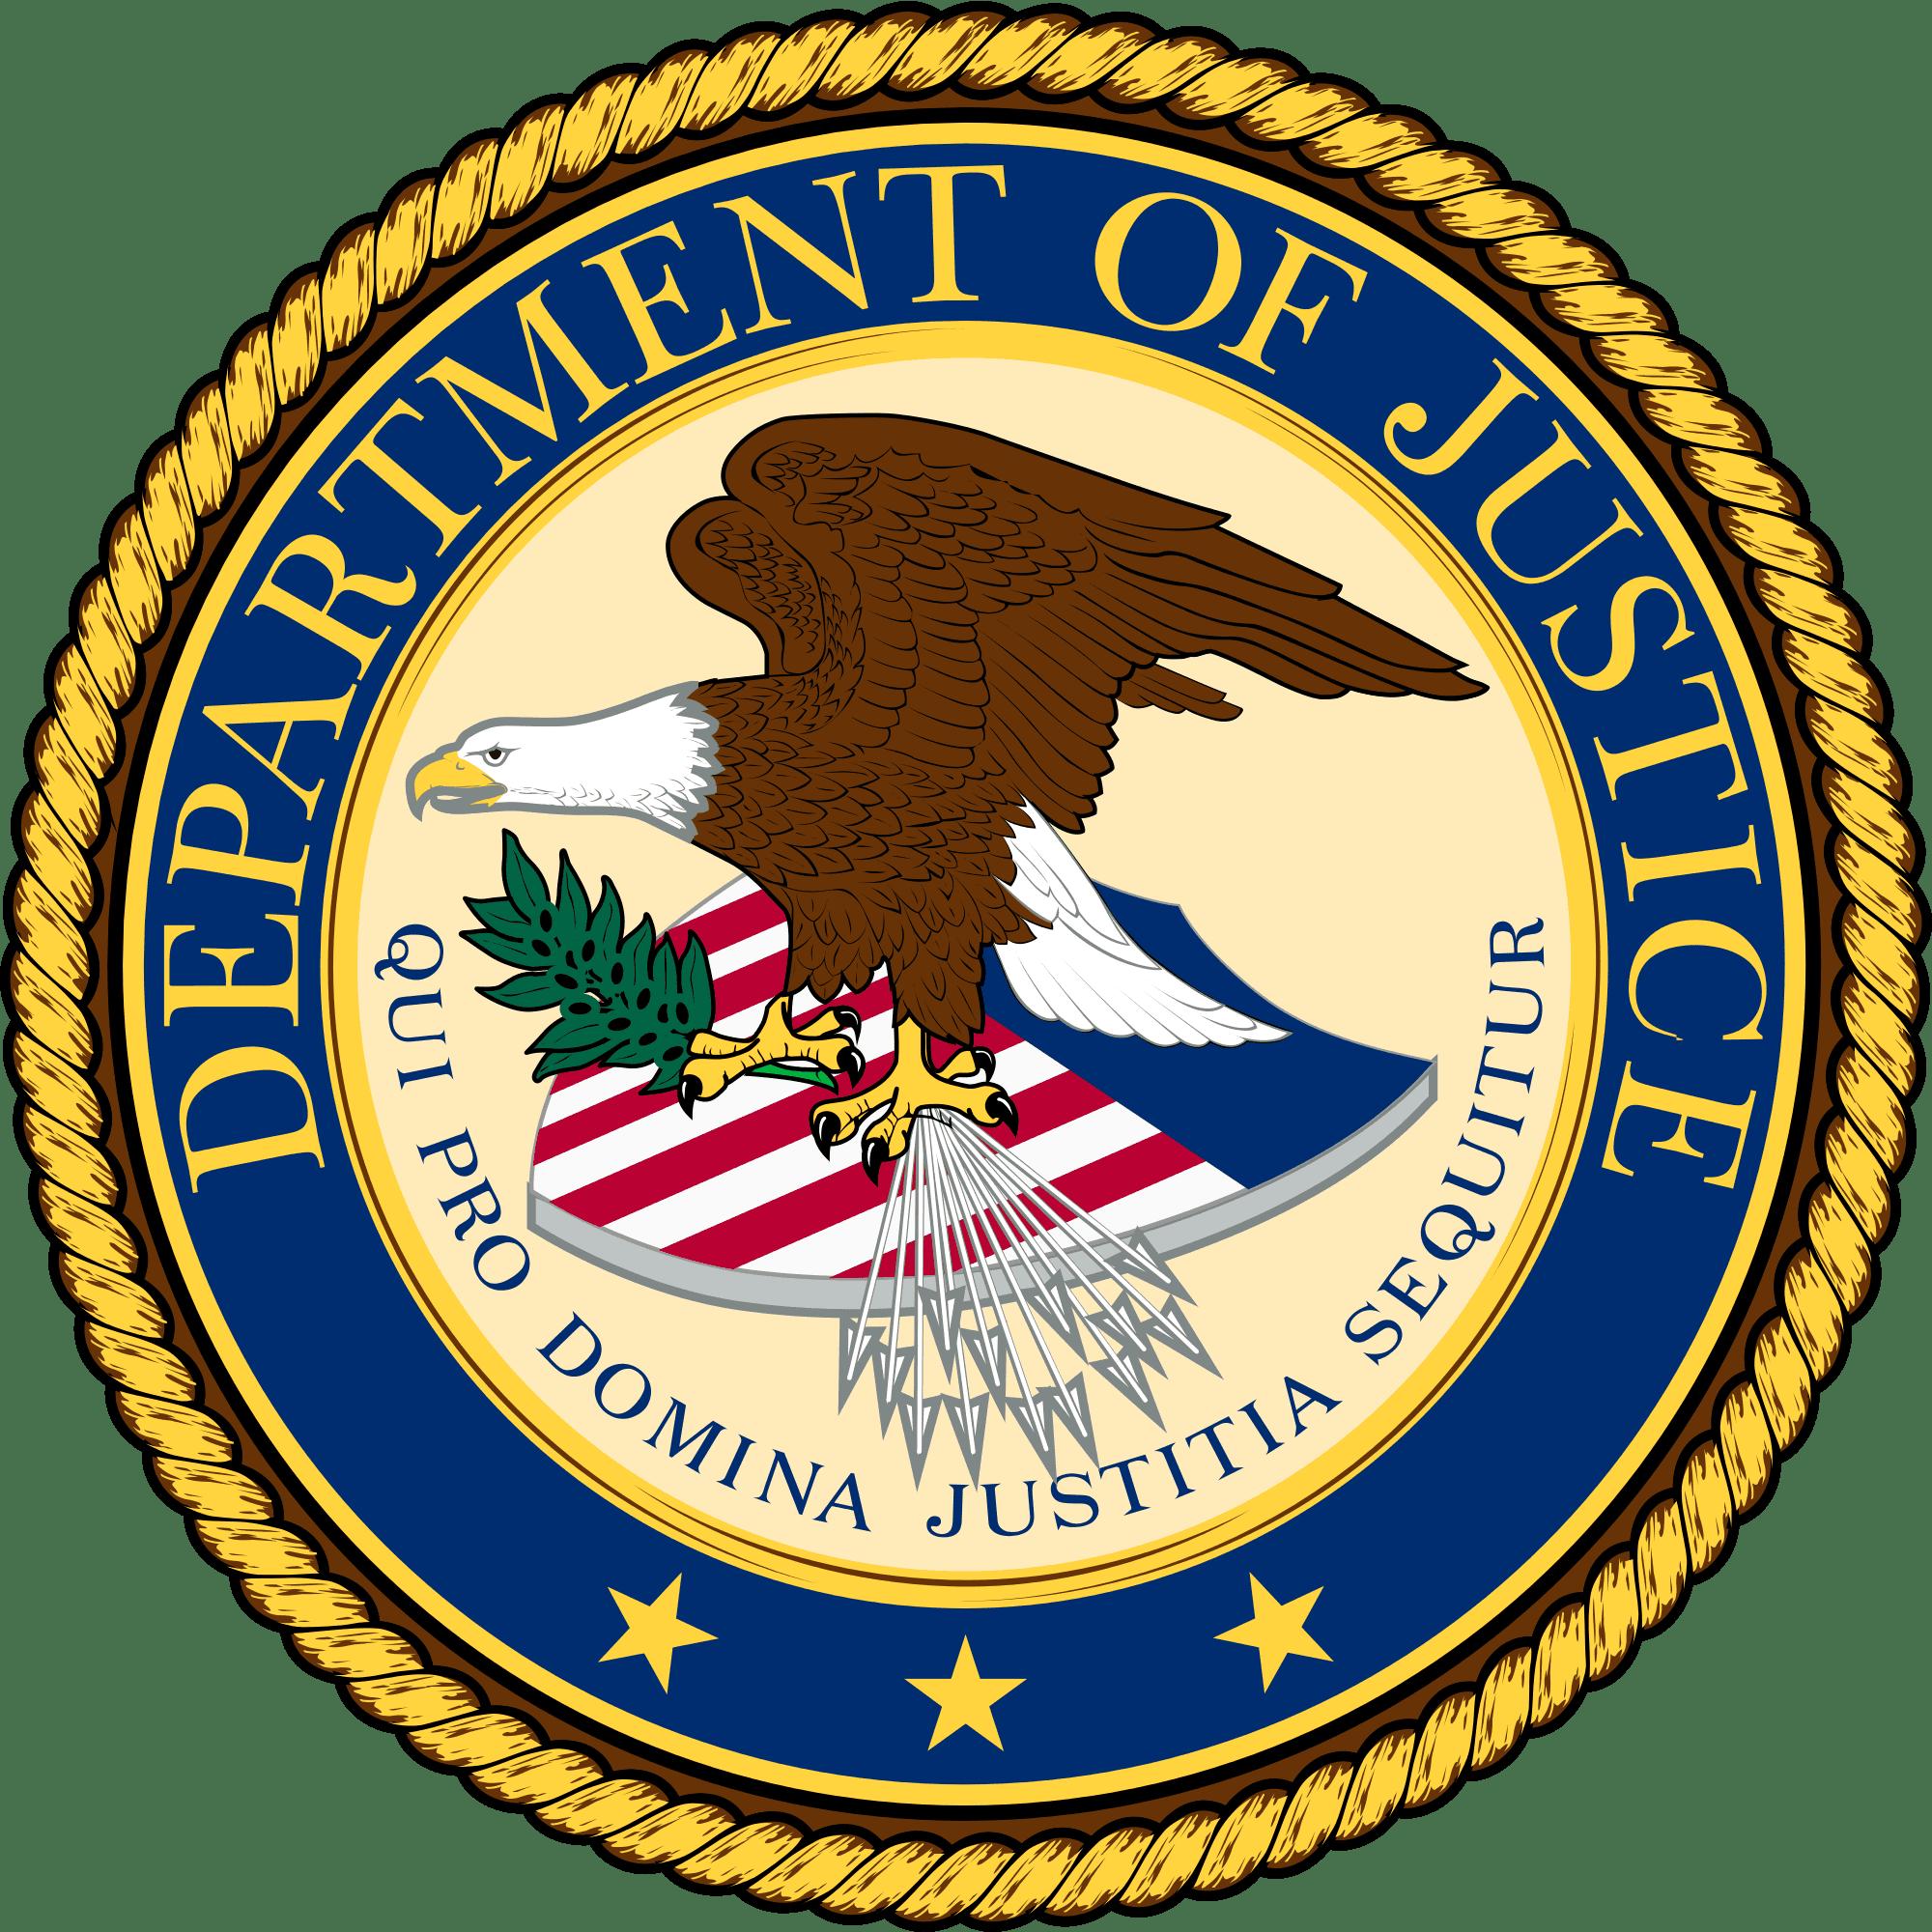 dui-lawyer-greenville-sc